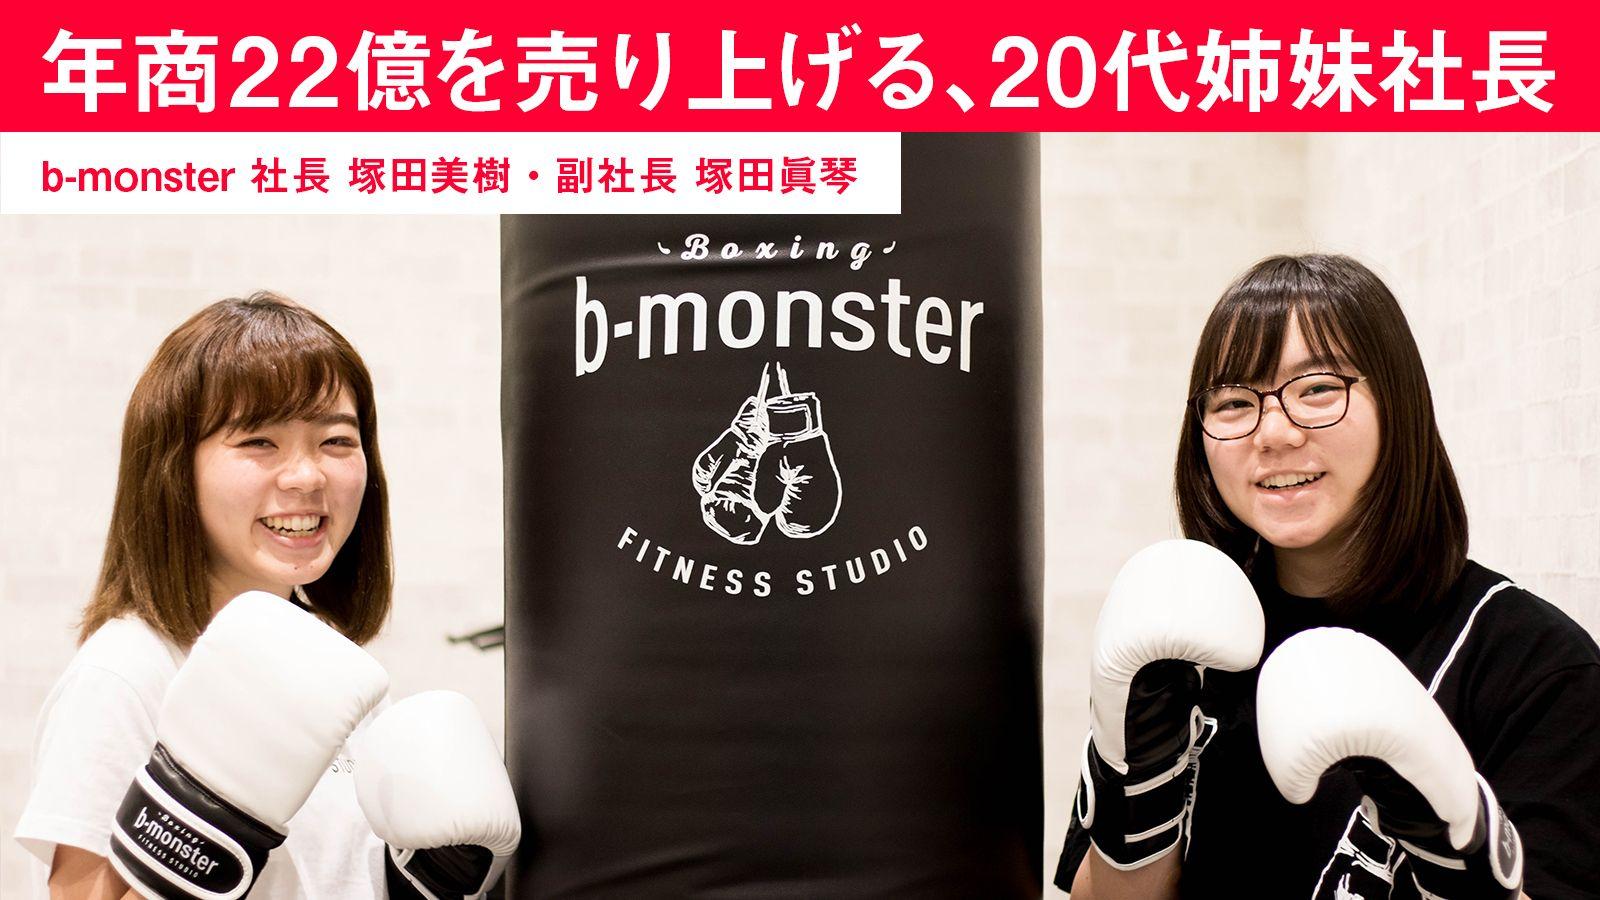 中毒者続出。暗闇ボクシングジム『b-monster』急成長を紐解く7つのキーワード